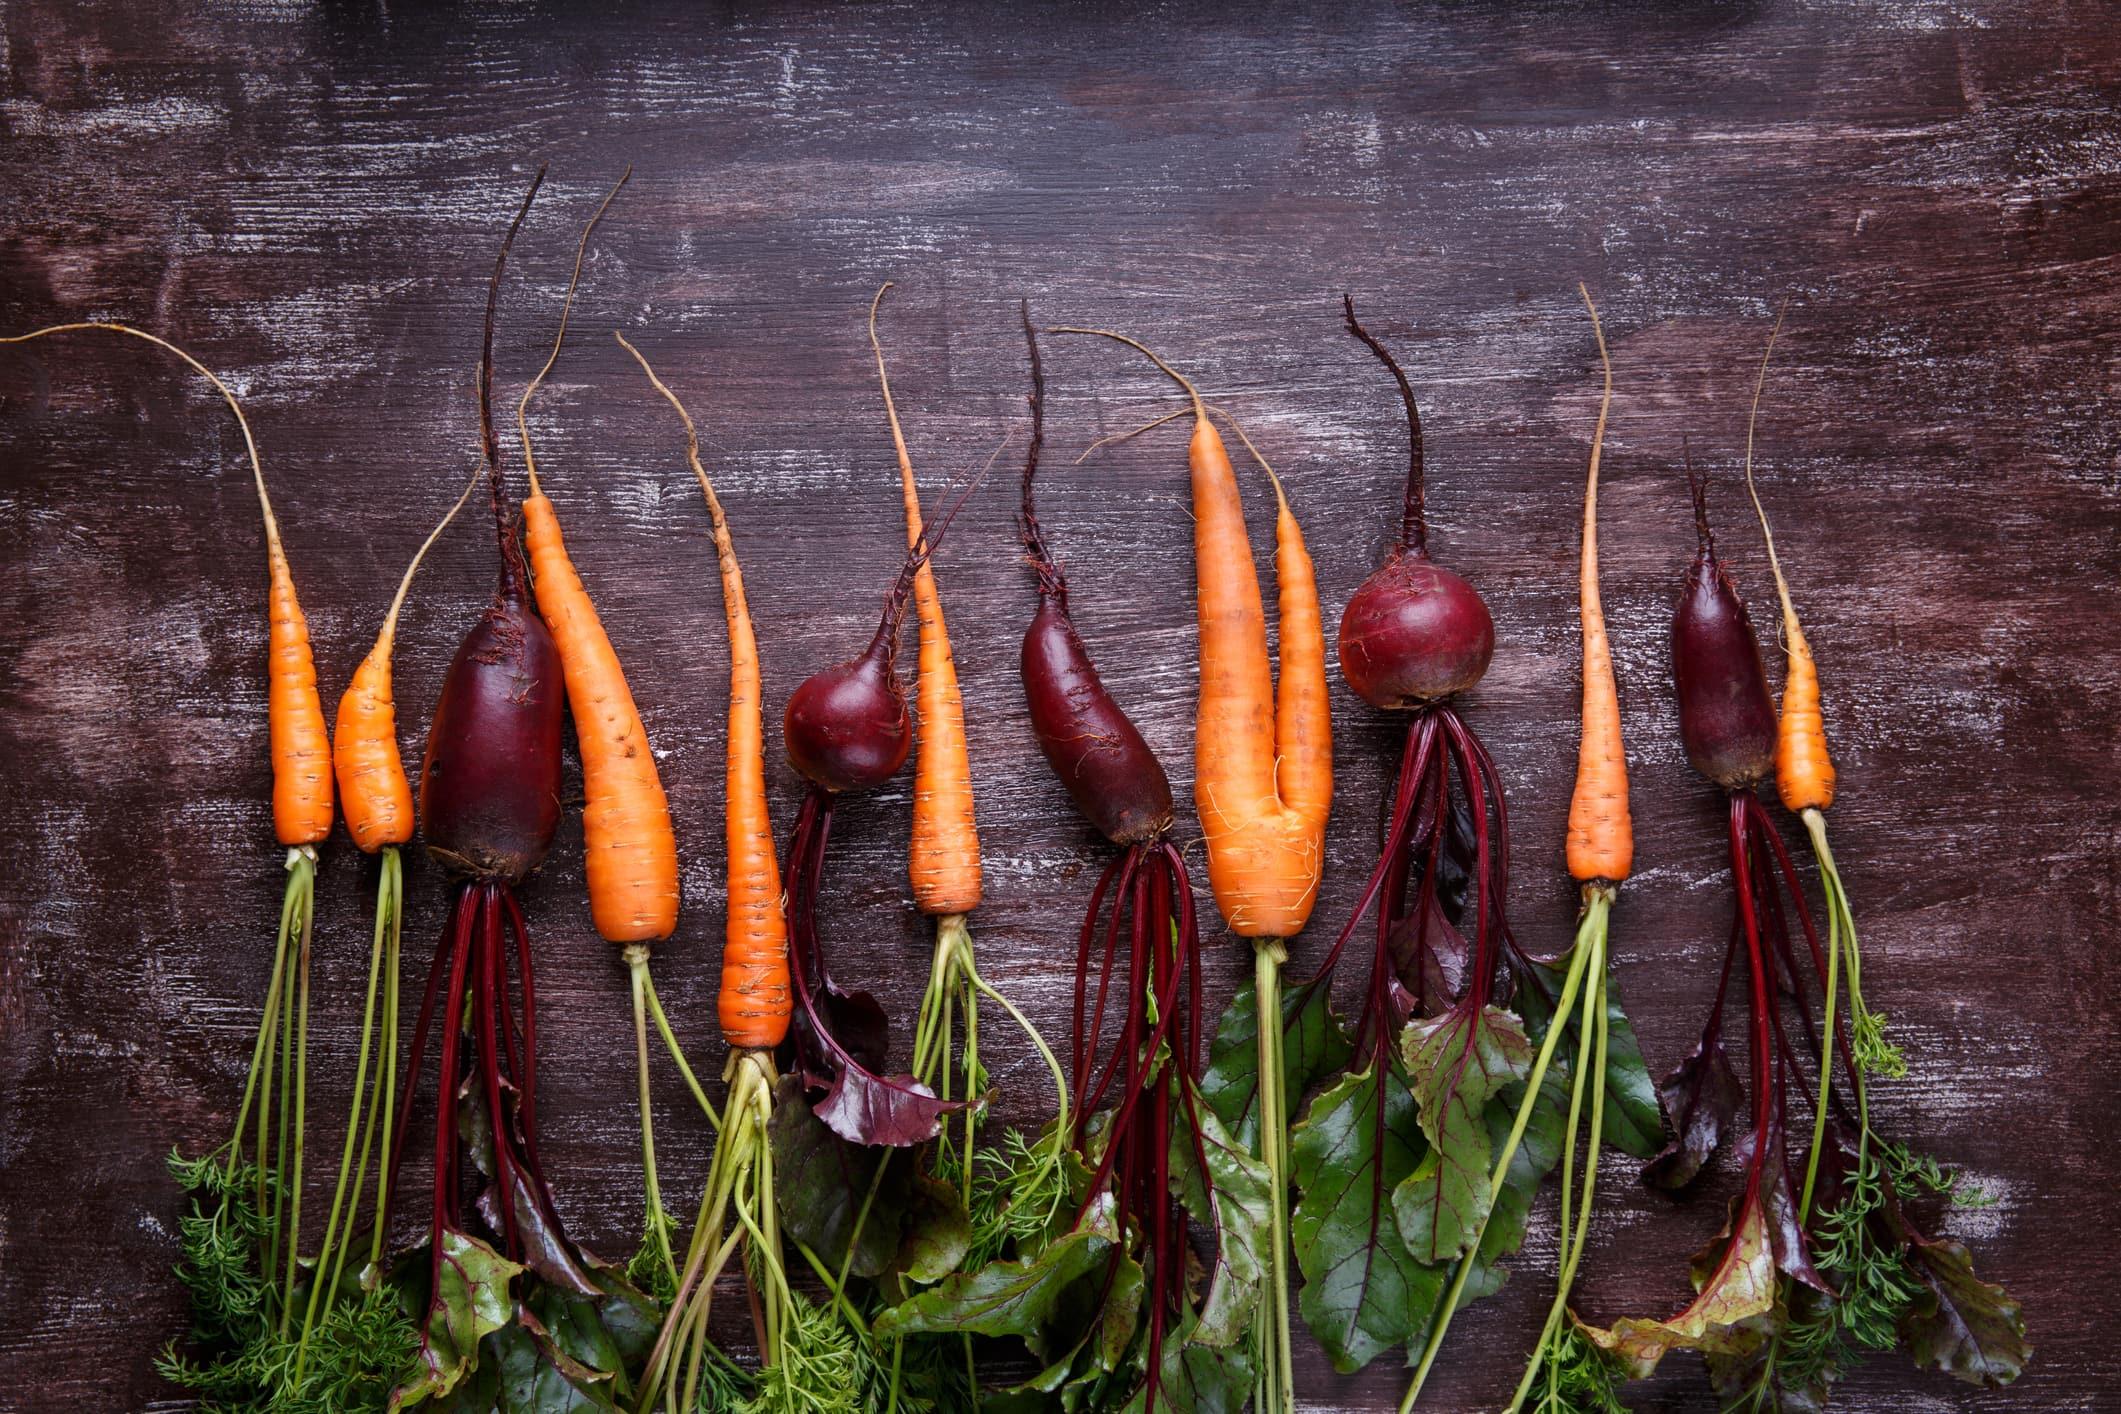 Karotte und rote Beete auf einem Holztisch